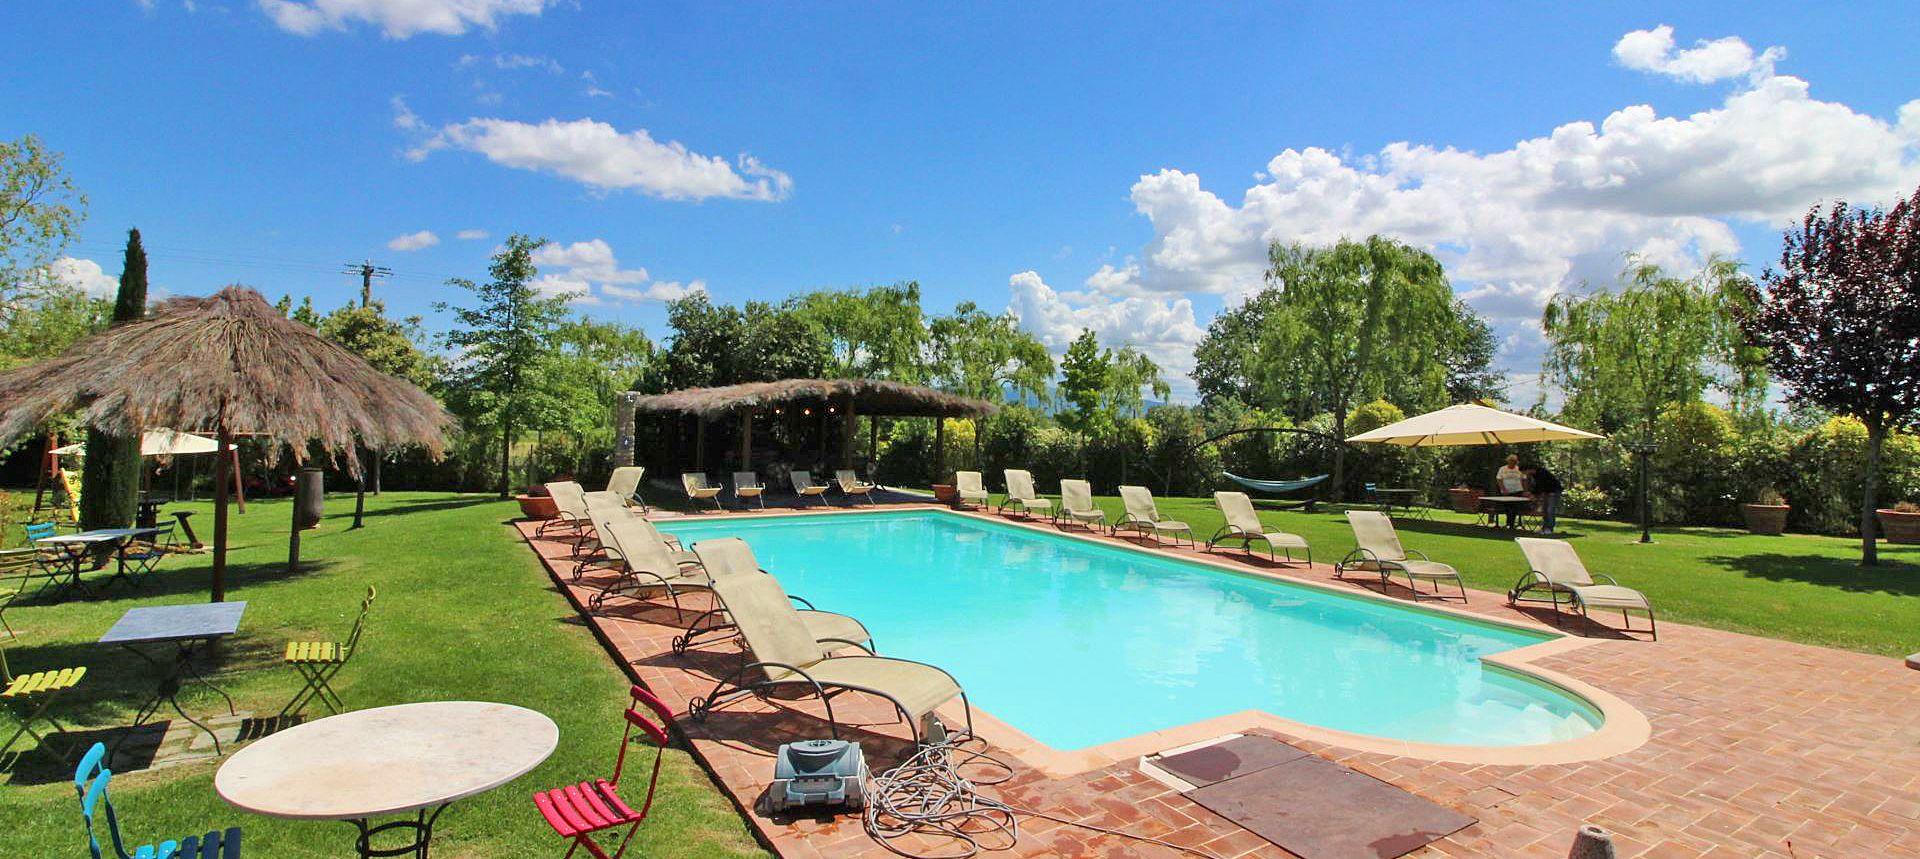 Ferienhaus Toskana TOH855 Gartenmöbel am Pool